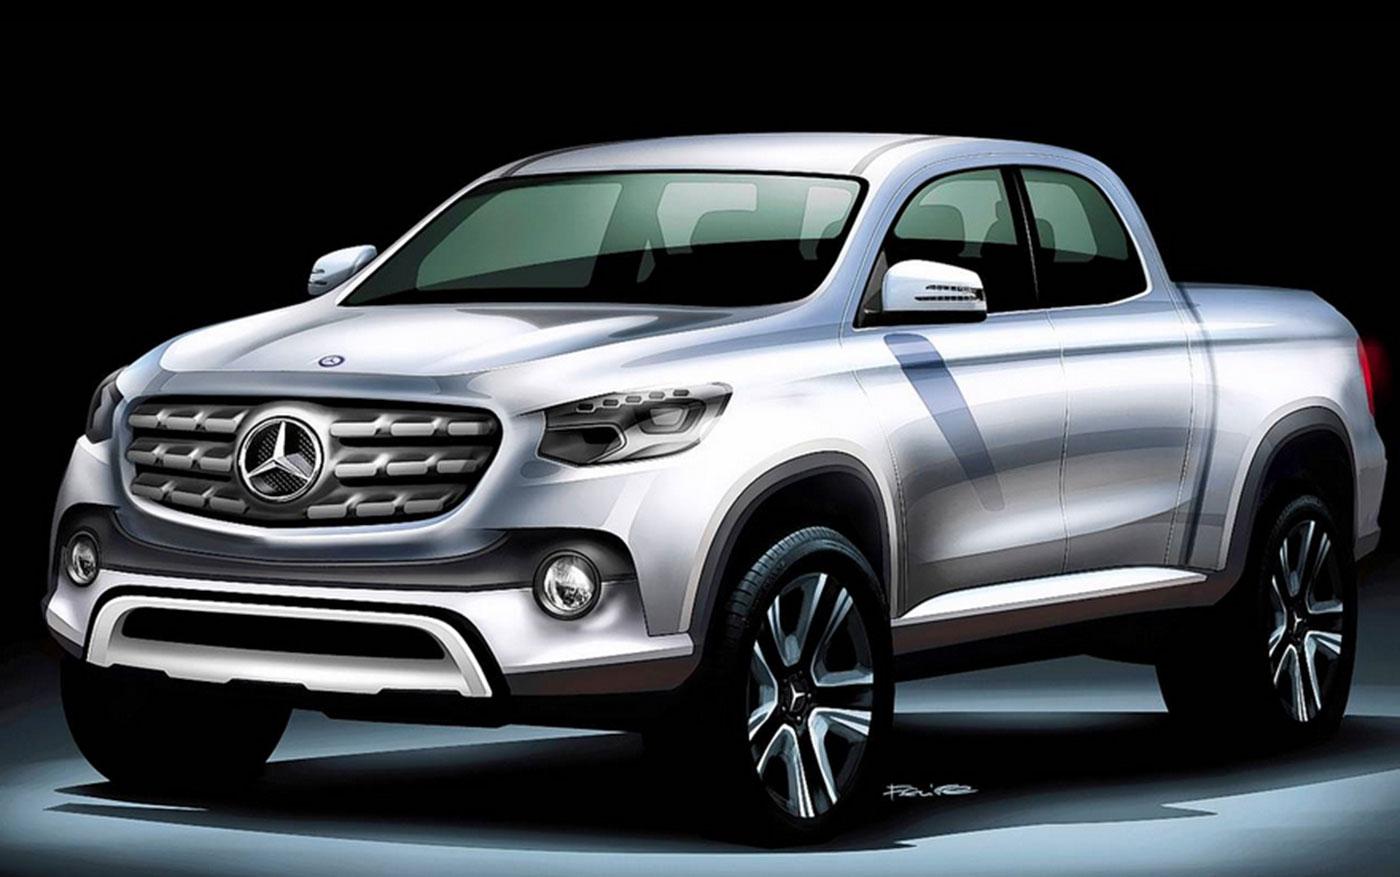 2018 Ram Power Wagon >> Mercedes 2018 GLT bakkie spied - Leisure Wheels